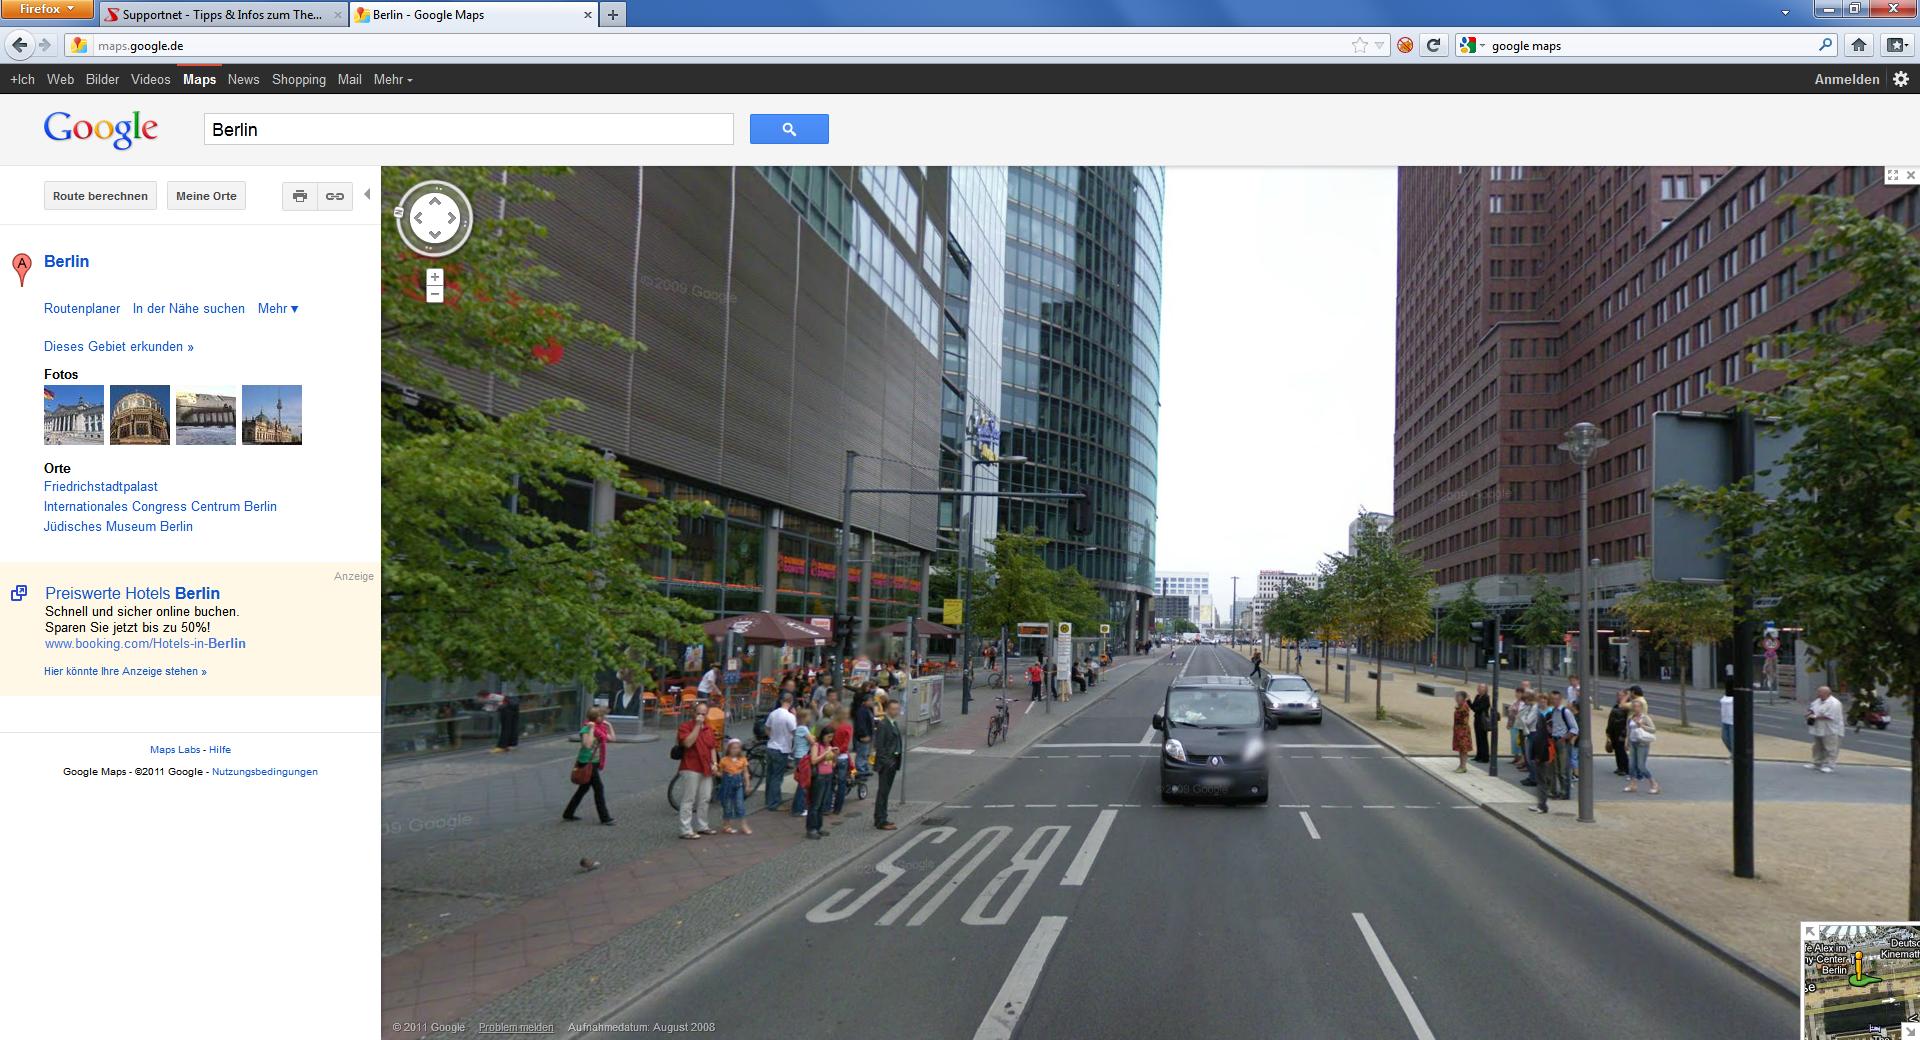 07-google-maps-die-welt-von-oben-streetview-ansicht-470.png?nocache=1325766411843